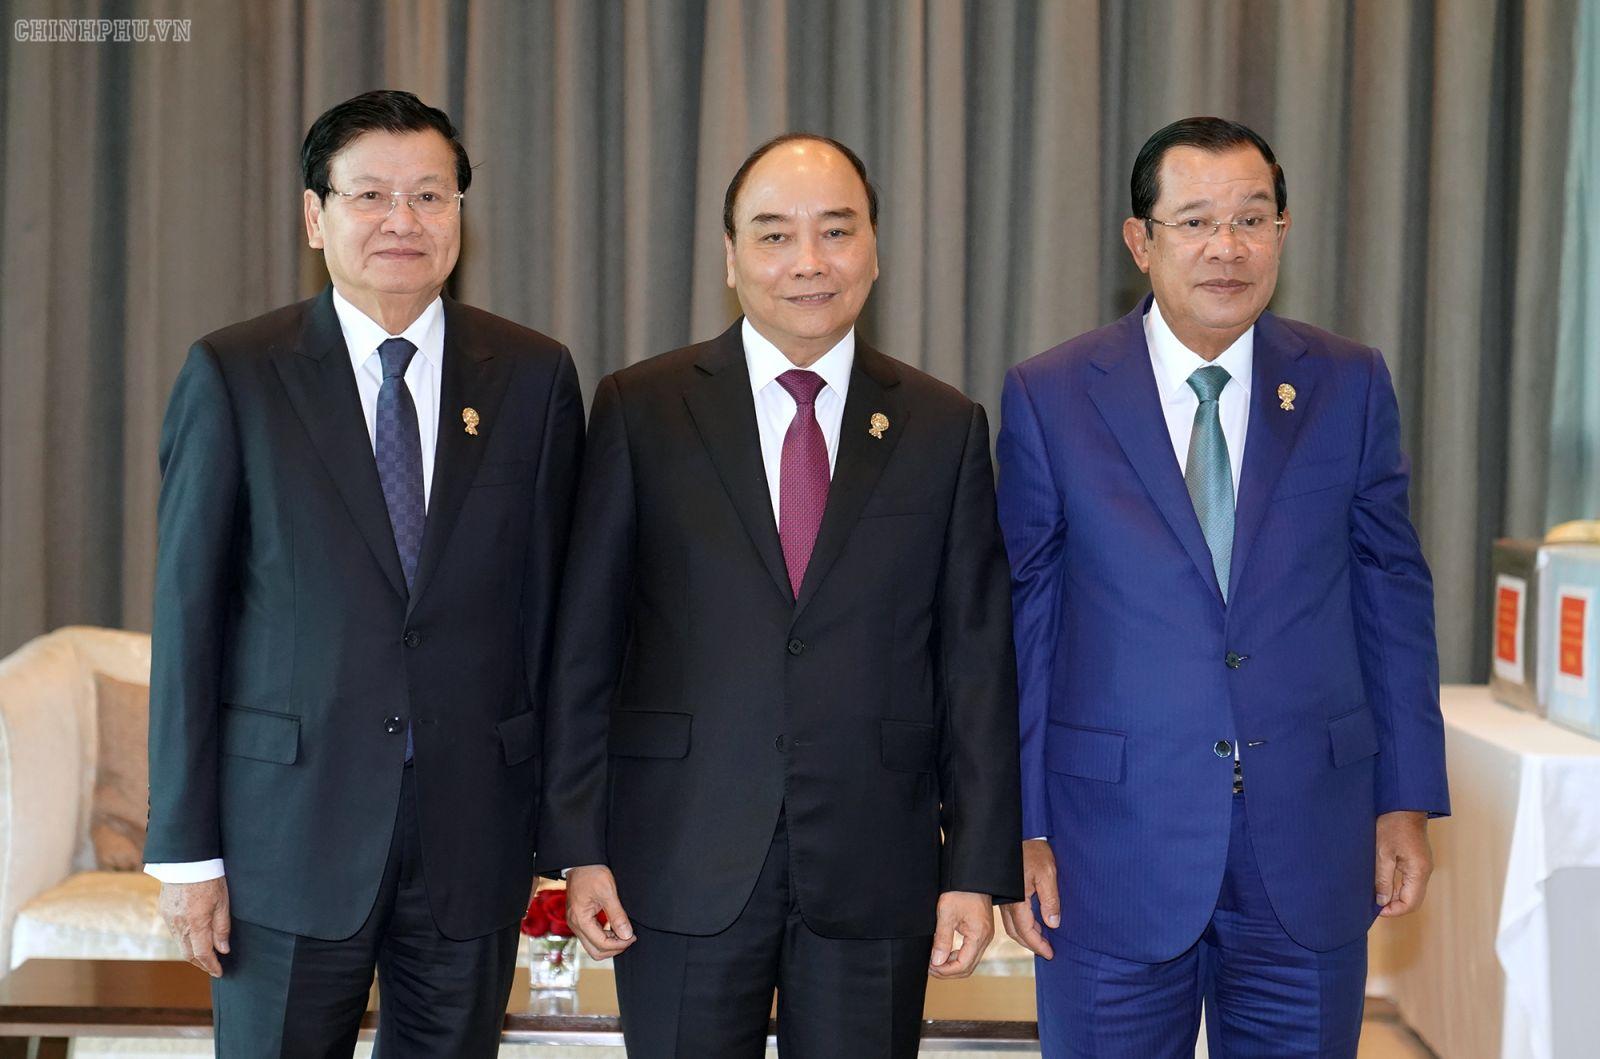 Thủ tướng Nguyễn Xuân Phúc làm việc với Thủ tướng Lào Thongloun Sisoulith và Thủ tướng Campuchia Samdech Techo Hun Sen. Ảnh: VGP